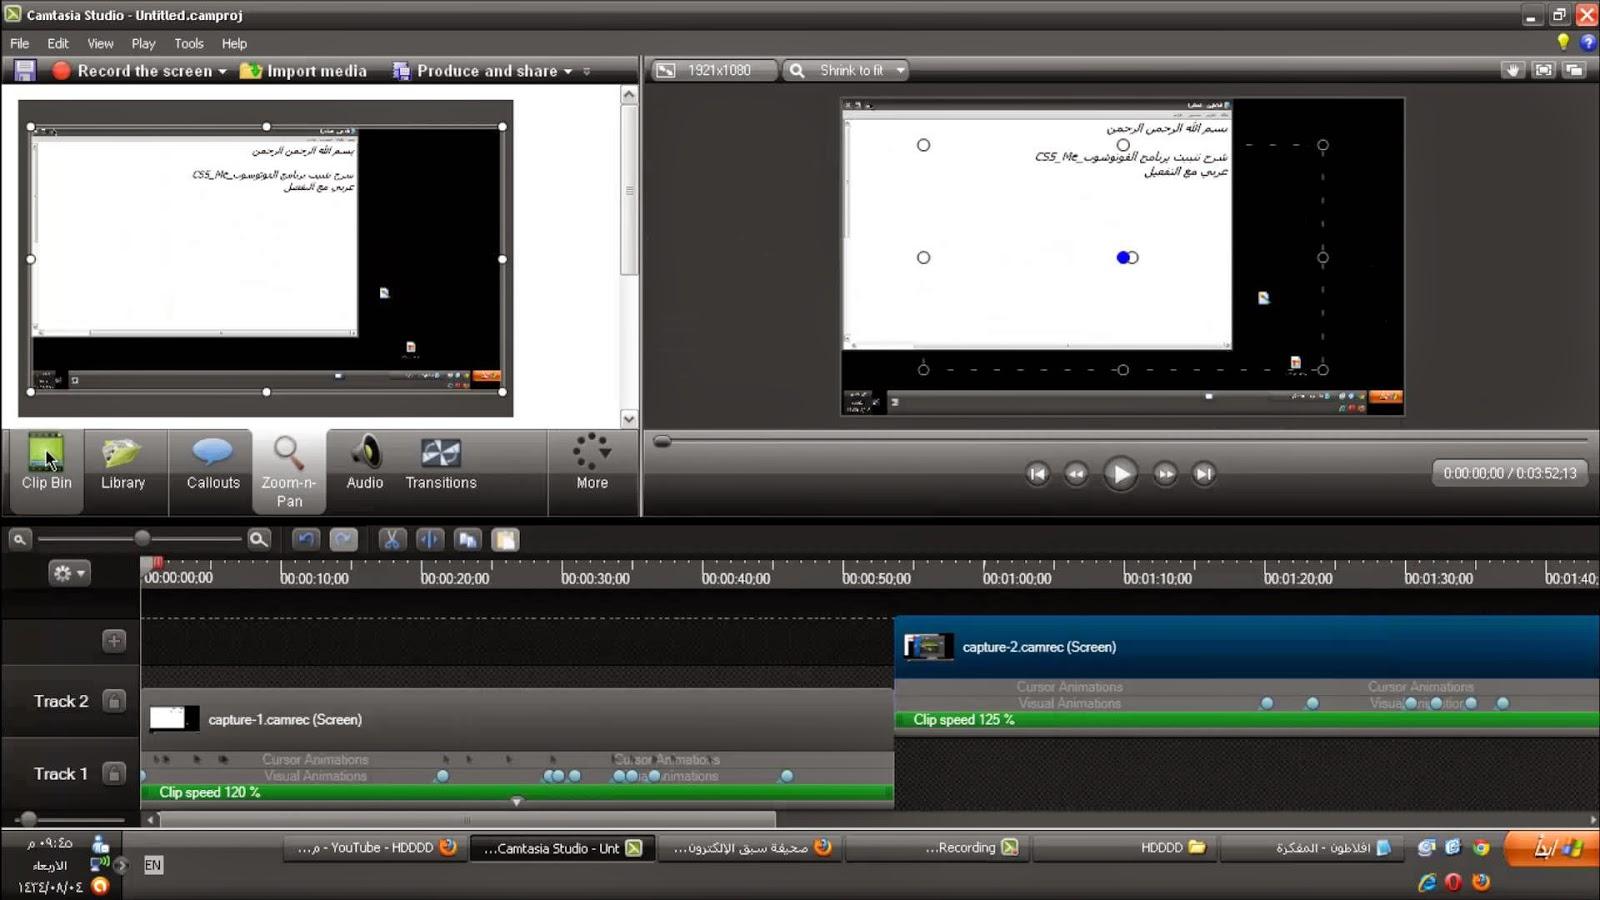 شرح الكتابة على الفيديو باستخدام برنامج Camtasia Studio 8